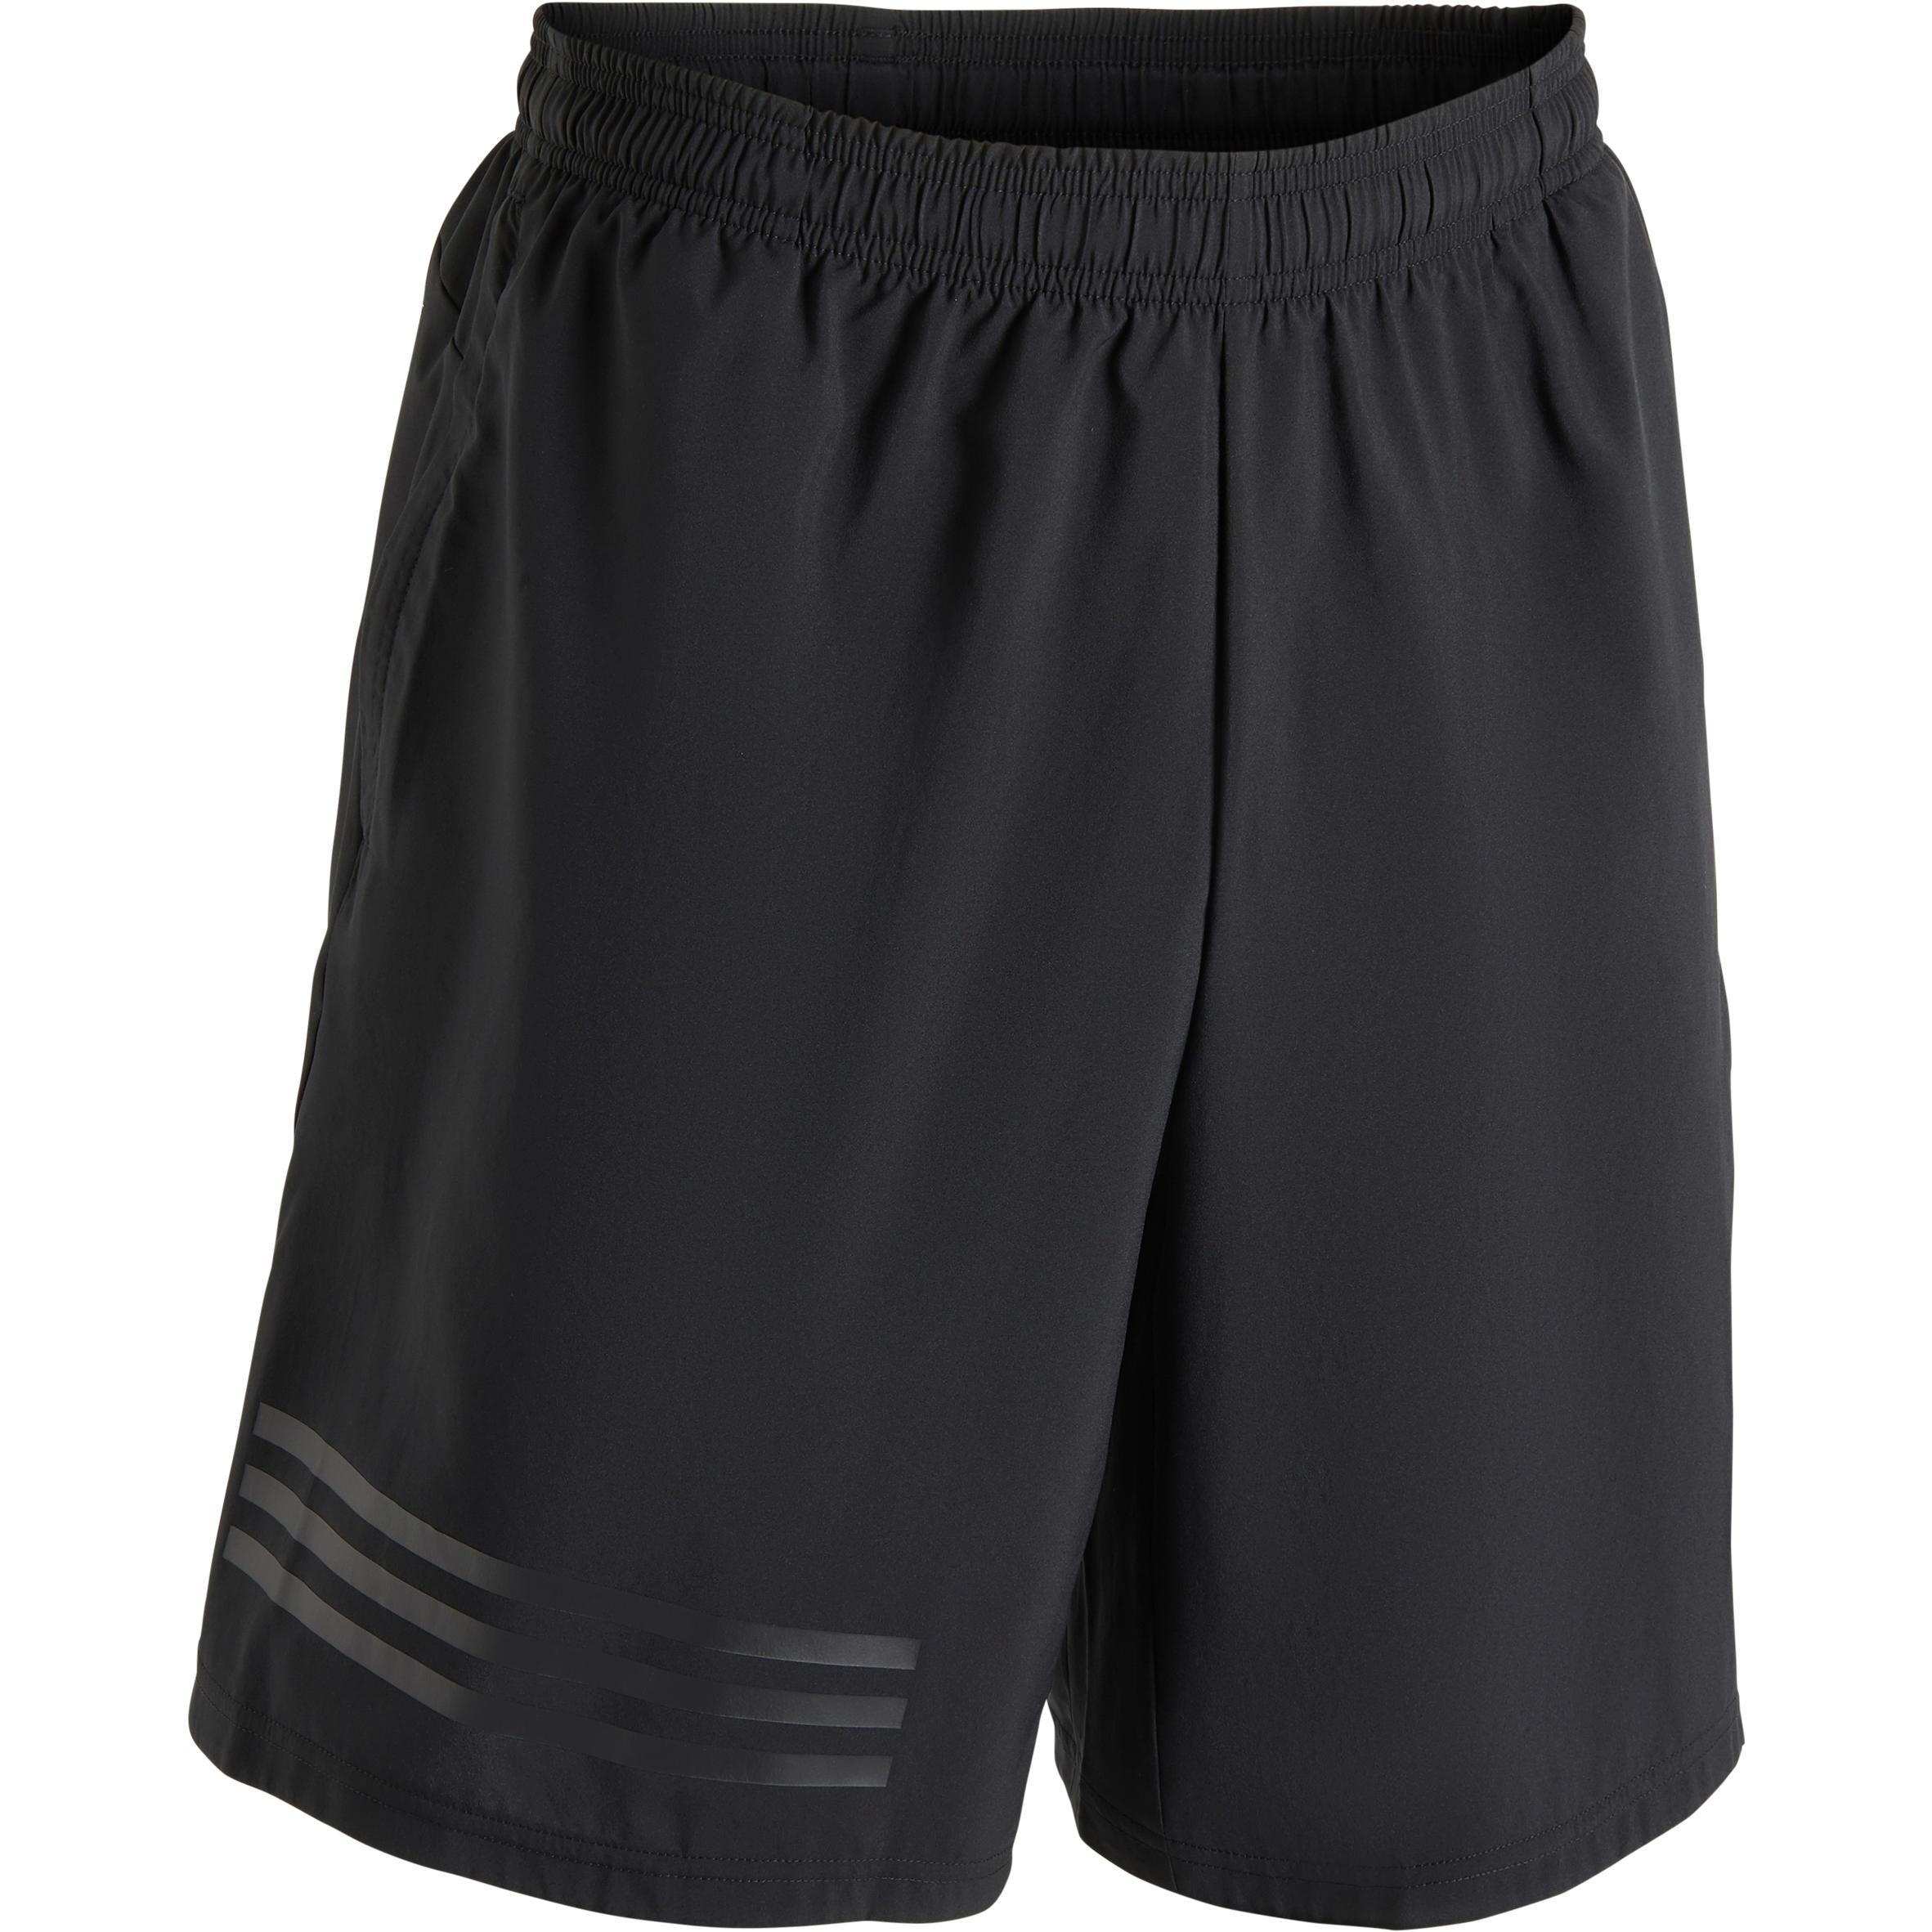 Adidas Short Adidas 4KRTF zwart